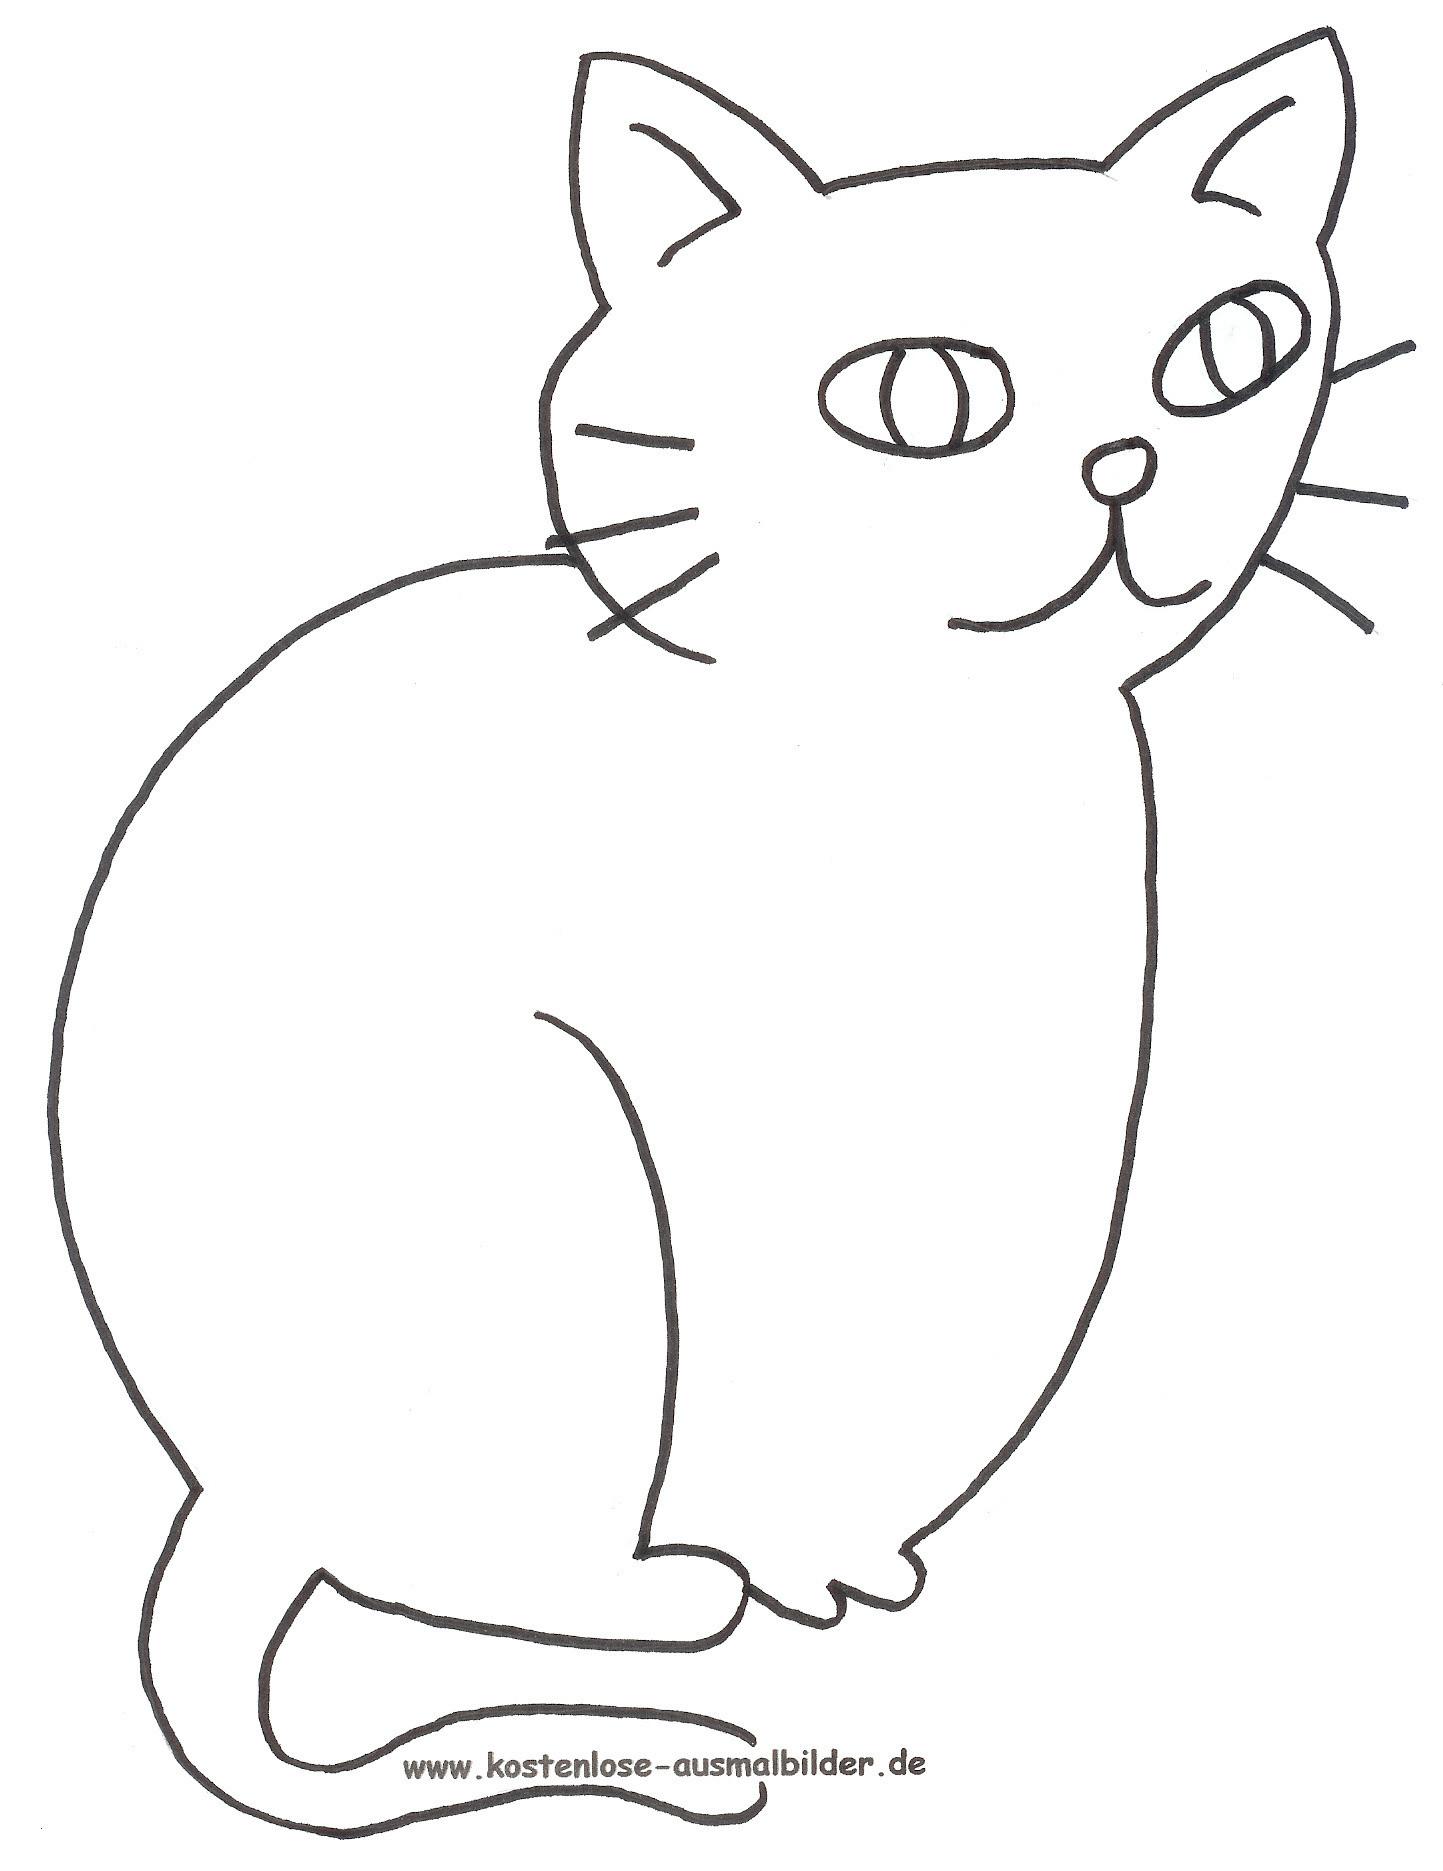 Ausmalbilder Hund Und Katze Inspirierend Ausmalbilder Katze Tiere Zum Ausmalen Neu Ausmalbilder Katzen Bild